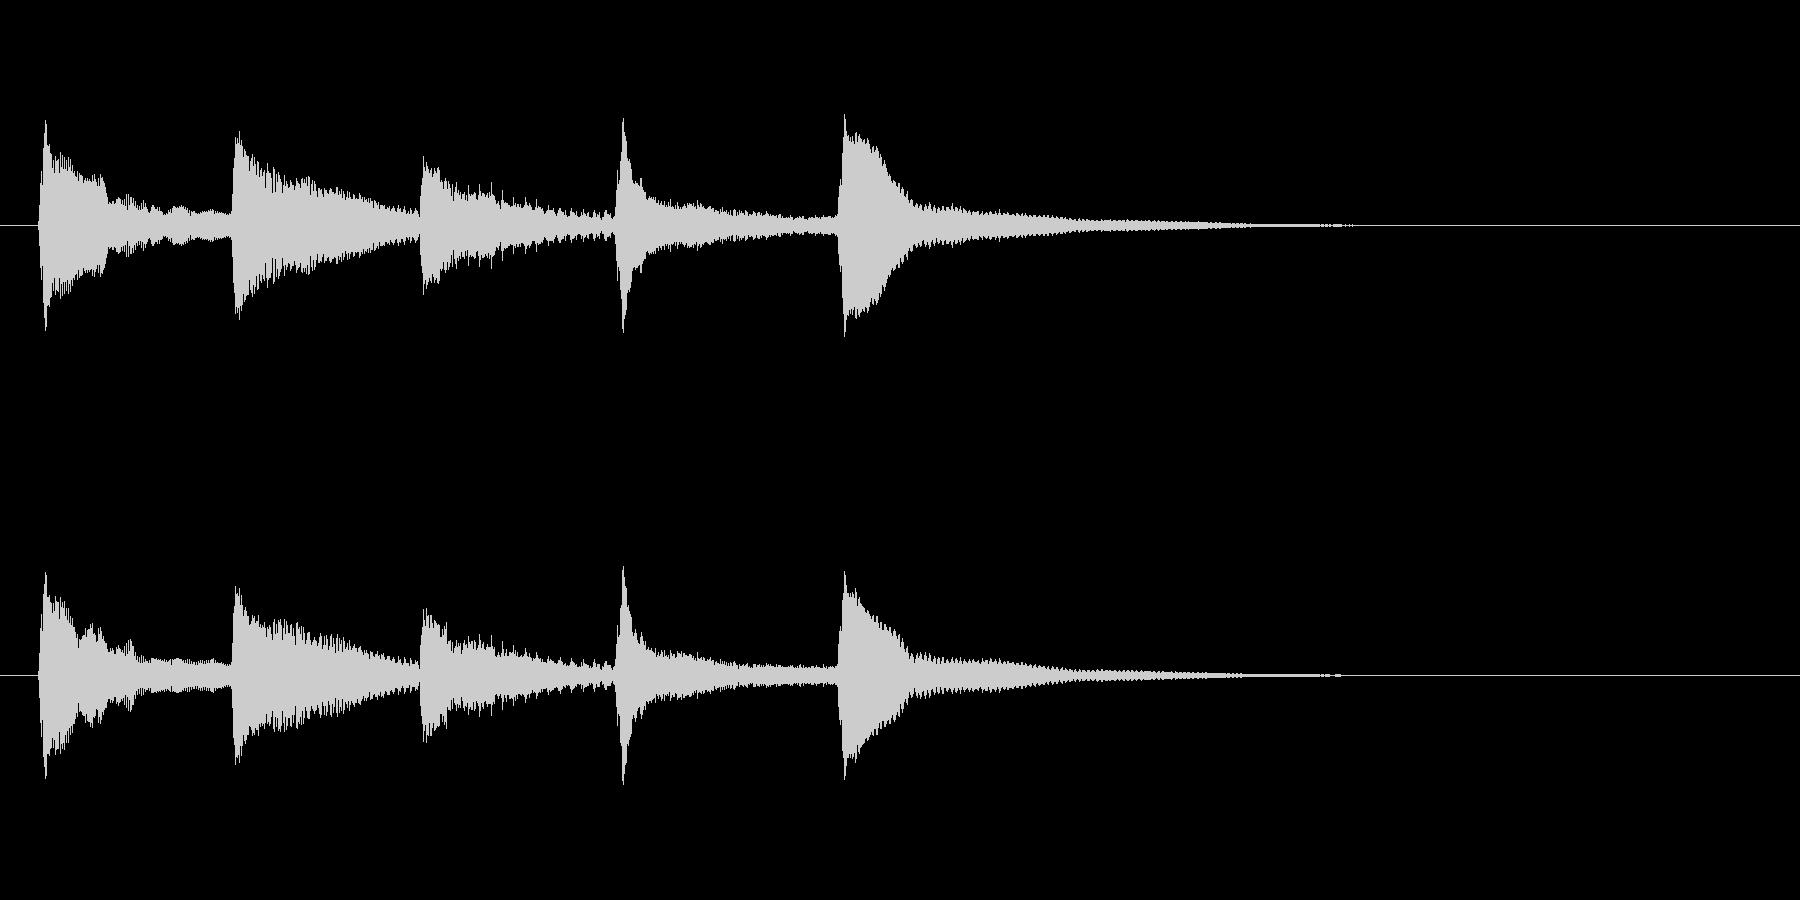 ゆらぎのある和風(琴)の起動音の未再生の波形